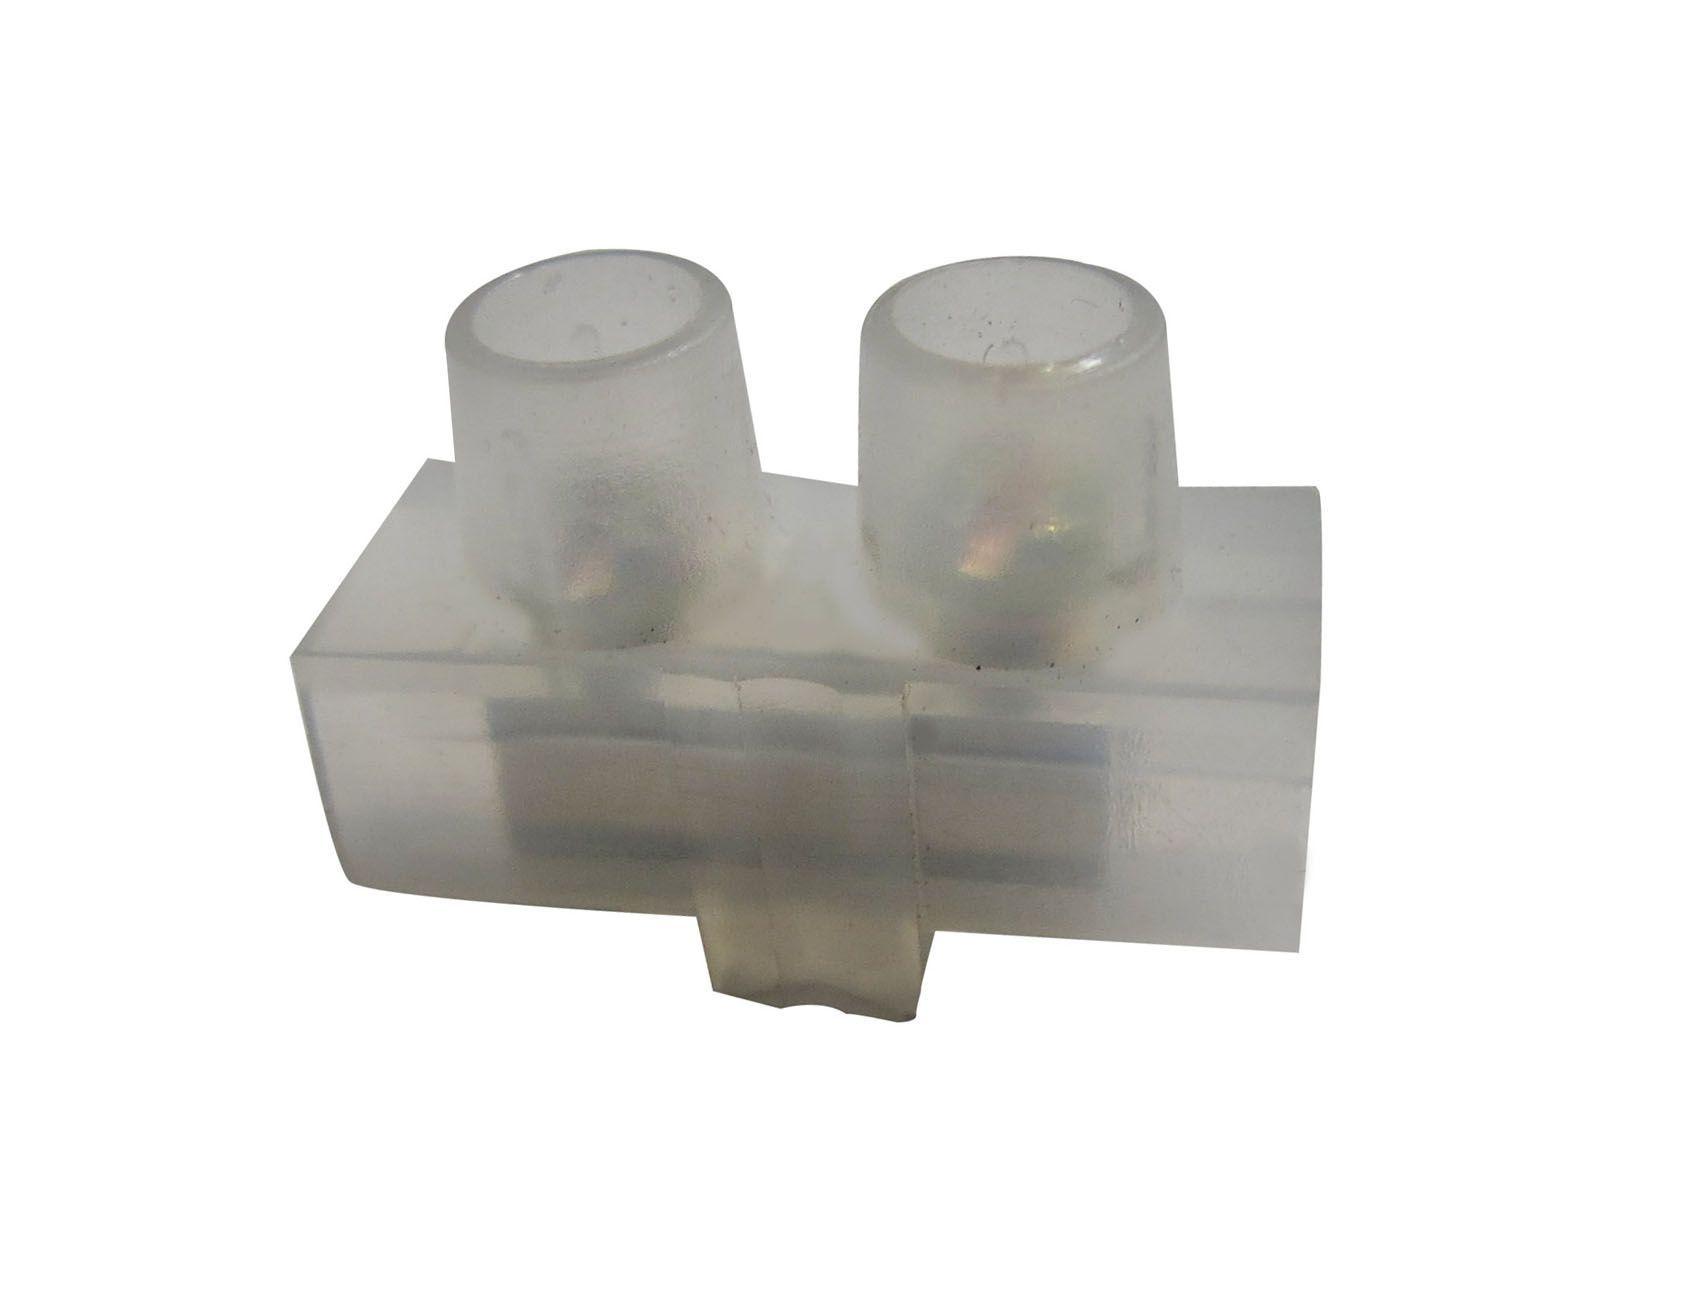 Kit Fita Elétrica Eletrofita 5 Pistas 3 Metros - Ventilador